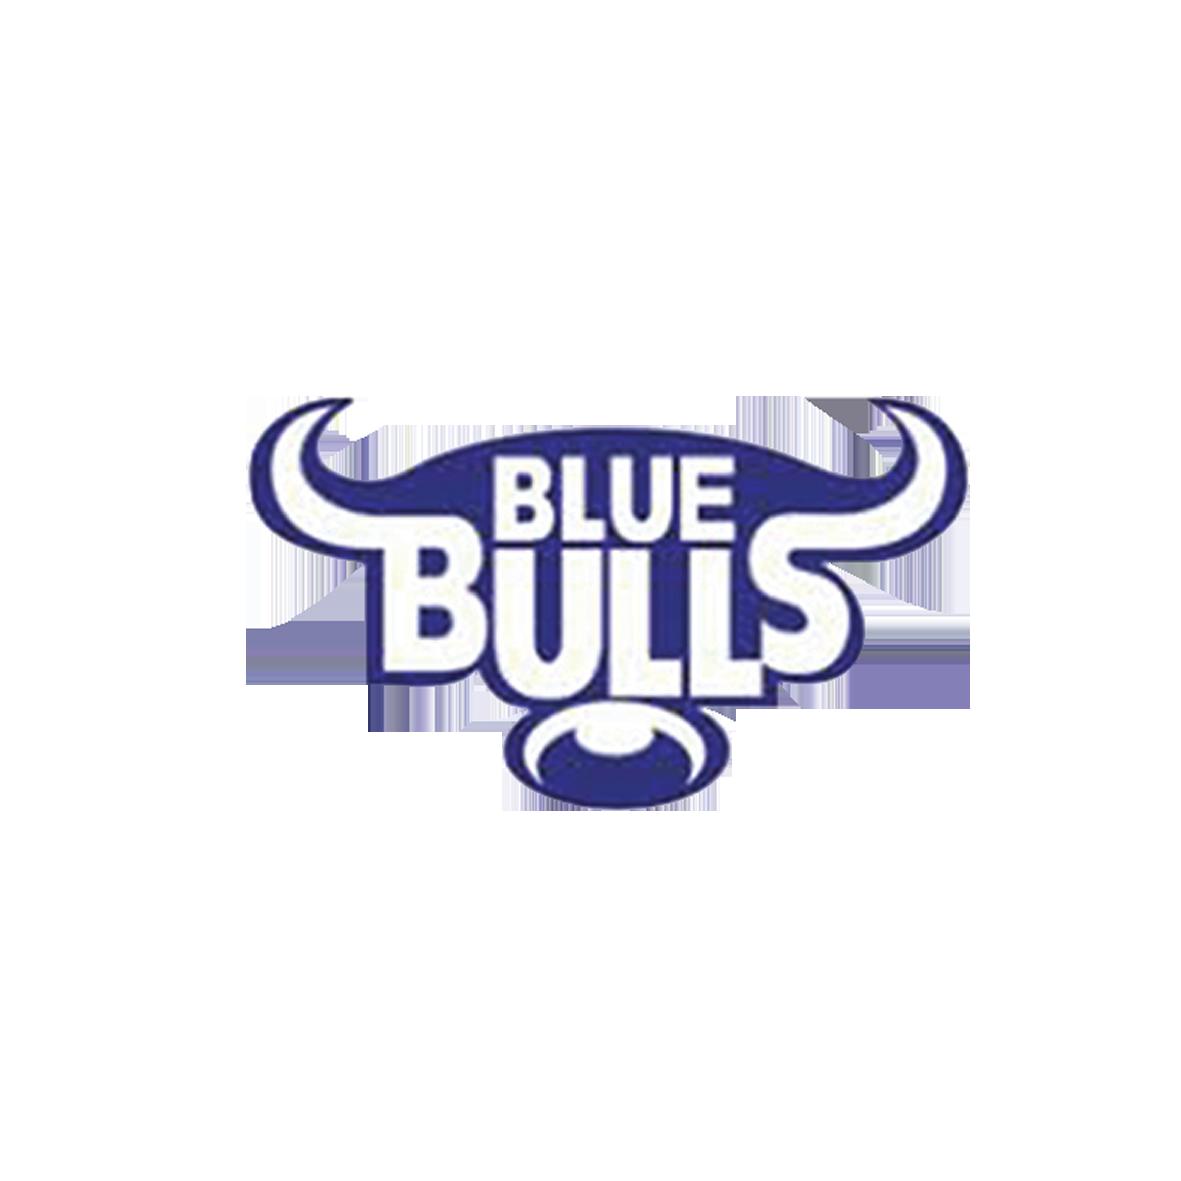 Blue Bulls Tuks Rugby Academy.